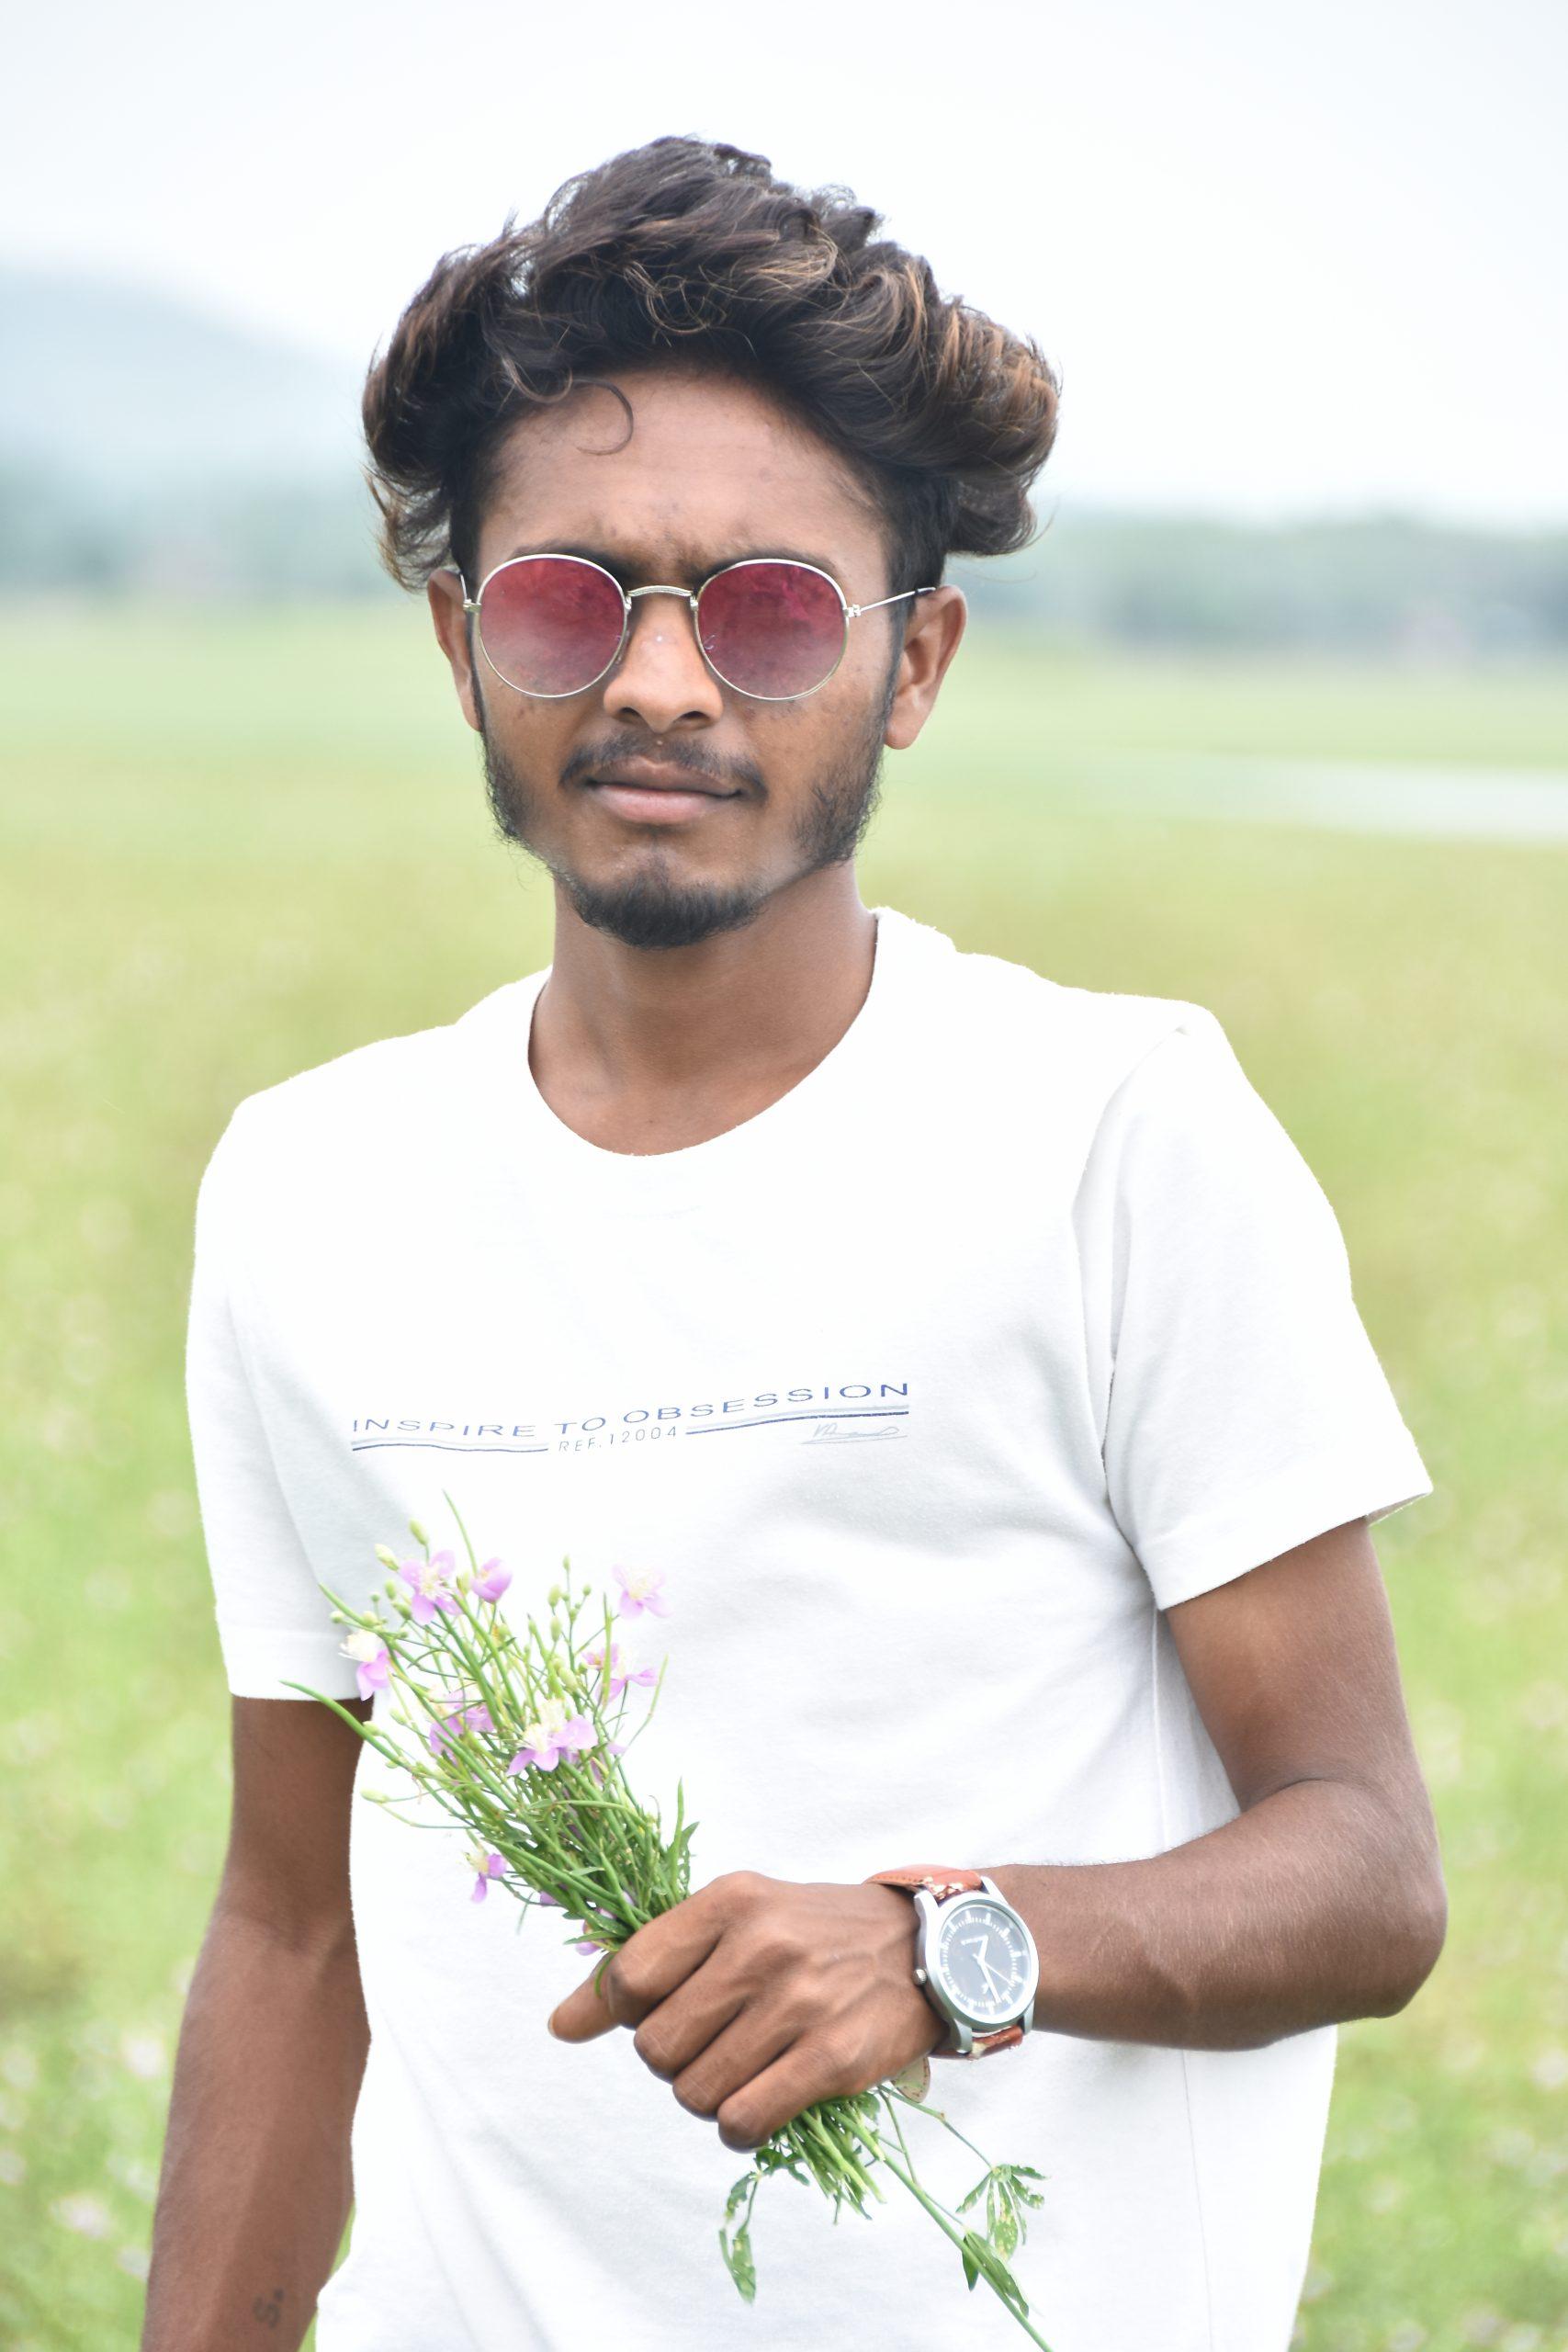 Boy posing in the farm